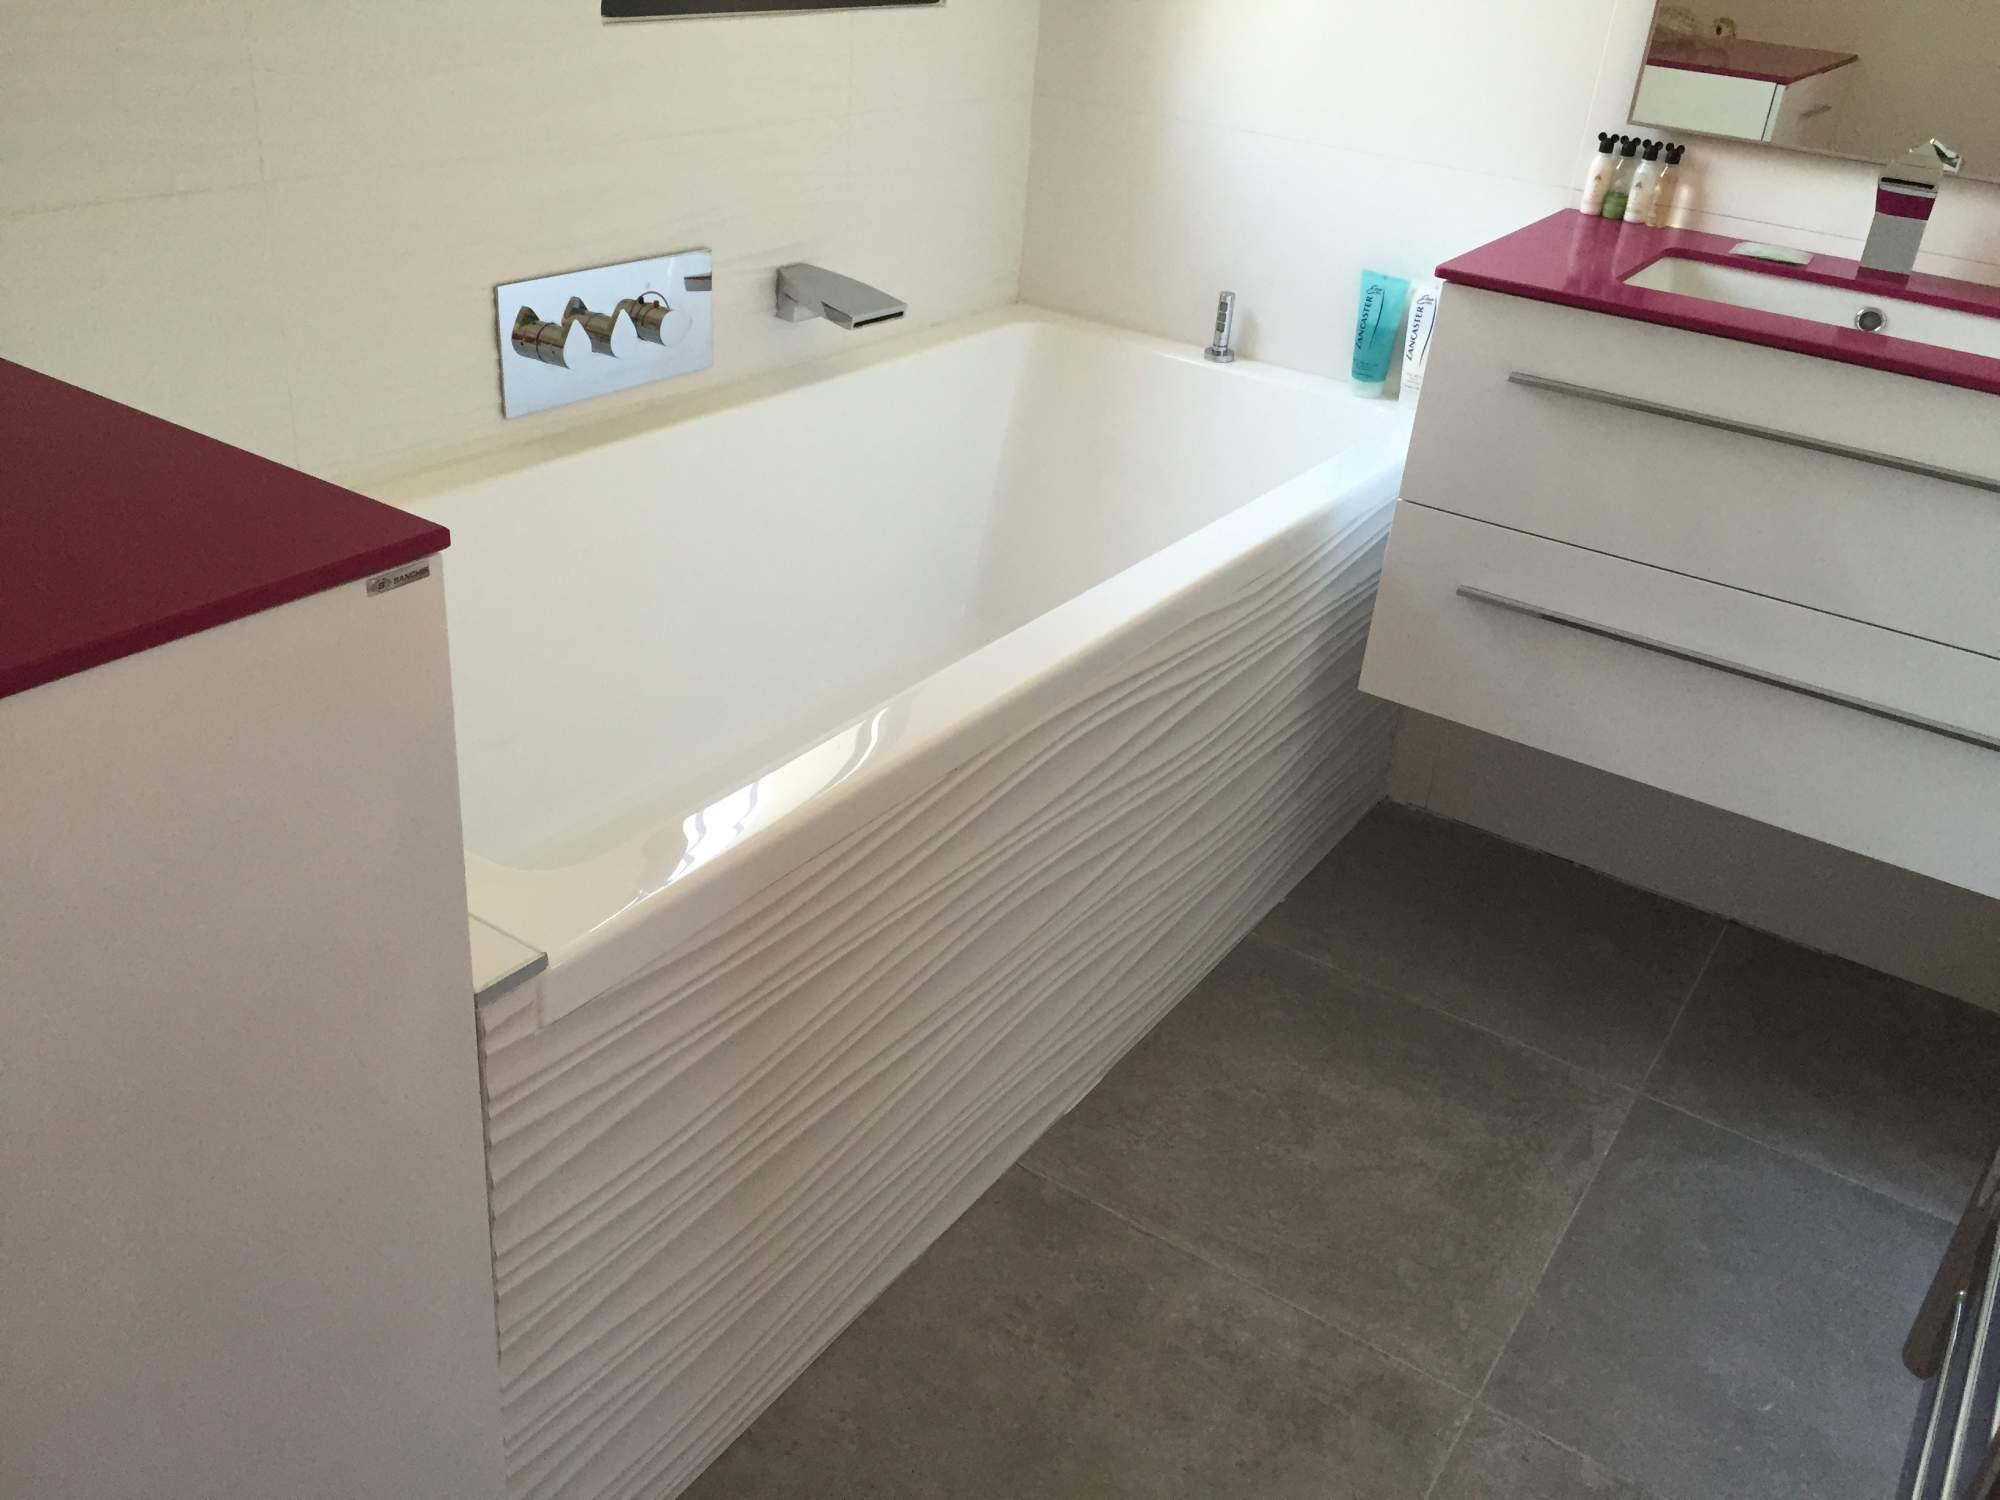 Carrelage salle de bain aix en provence for Carrelage et faience